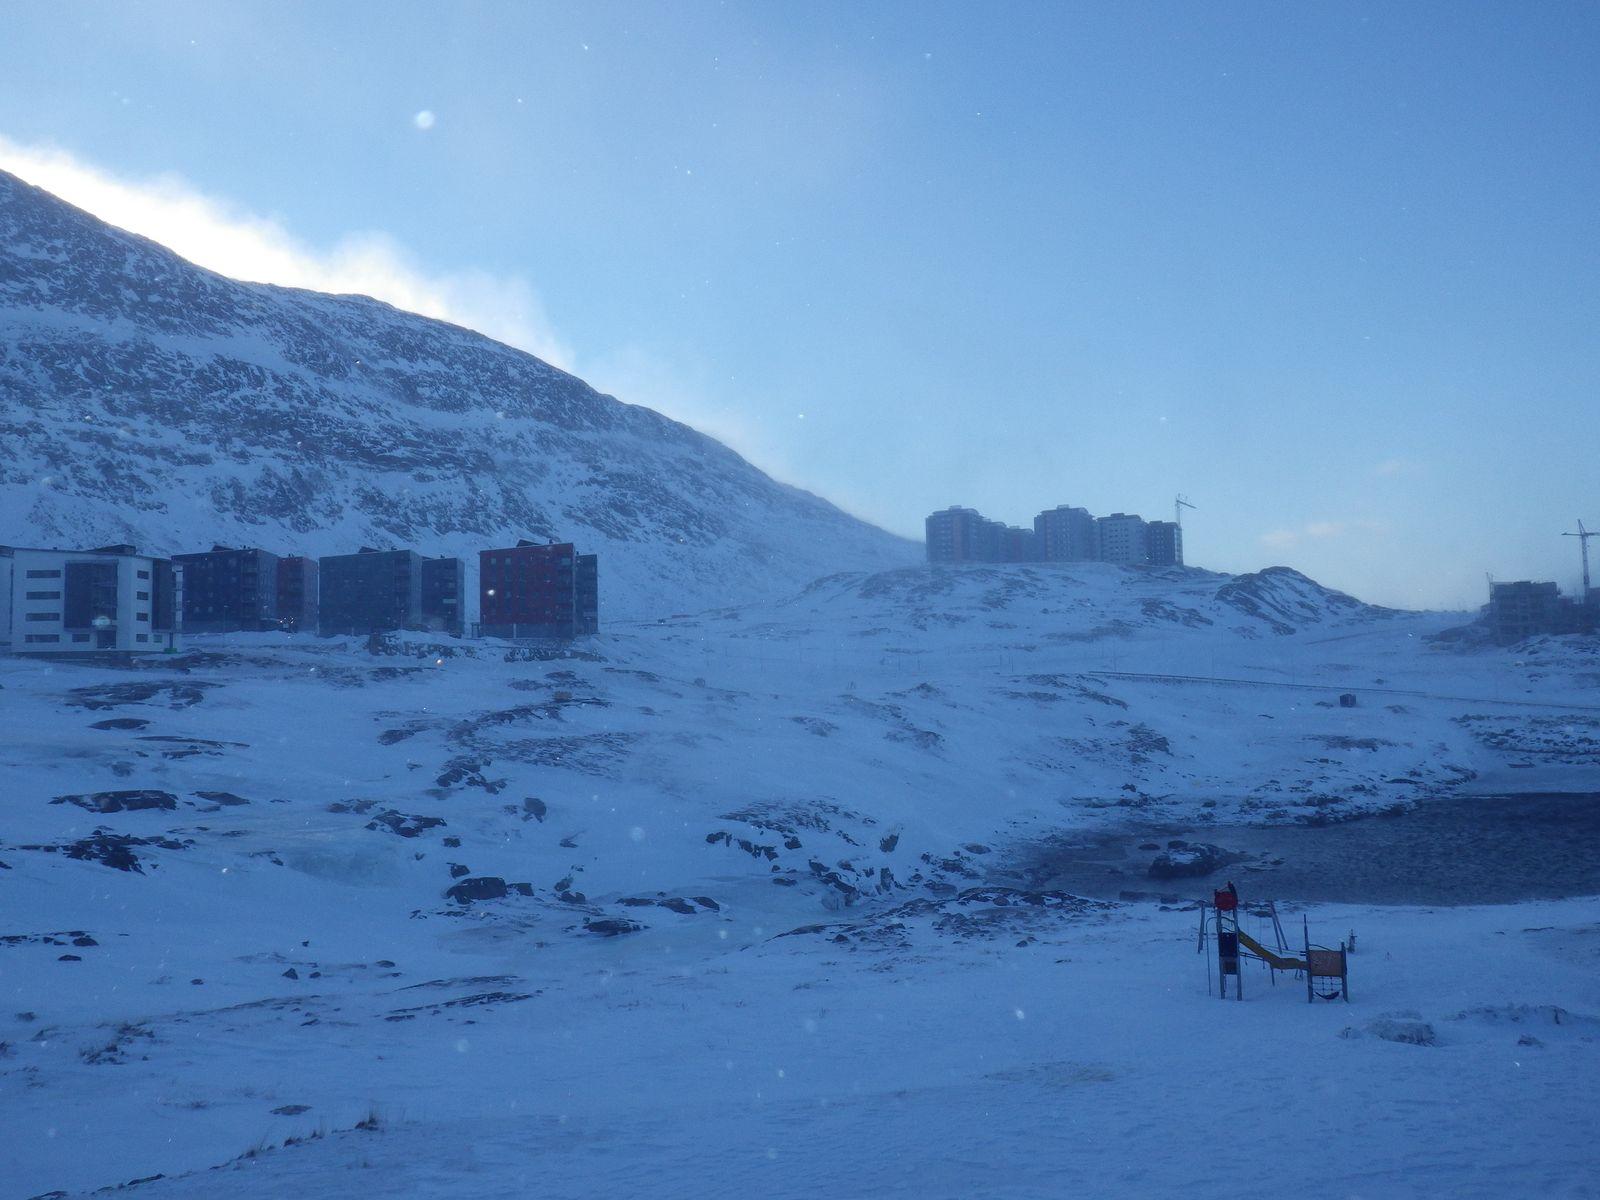 2013-02-22-1358_-_udsigt-fra-altan